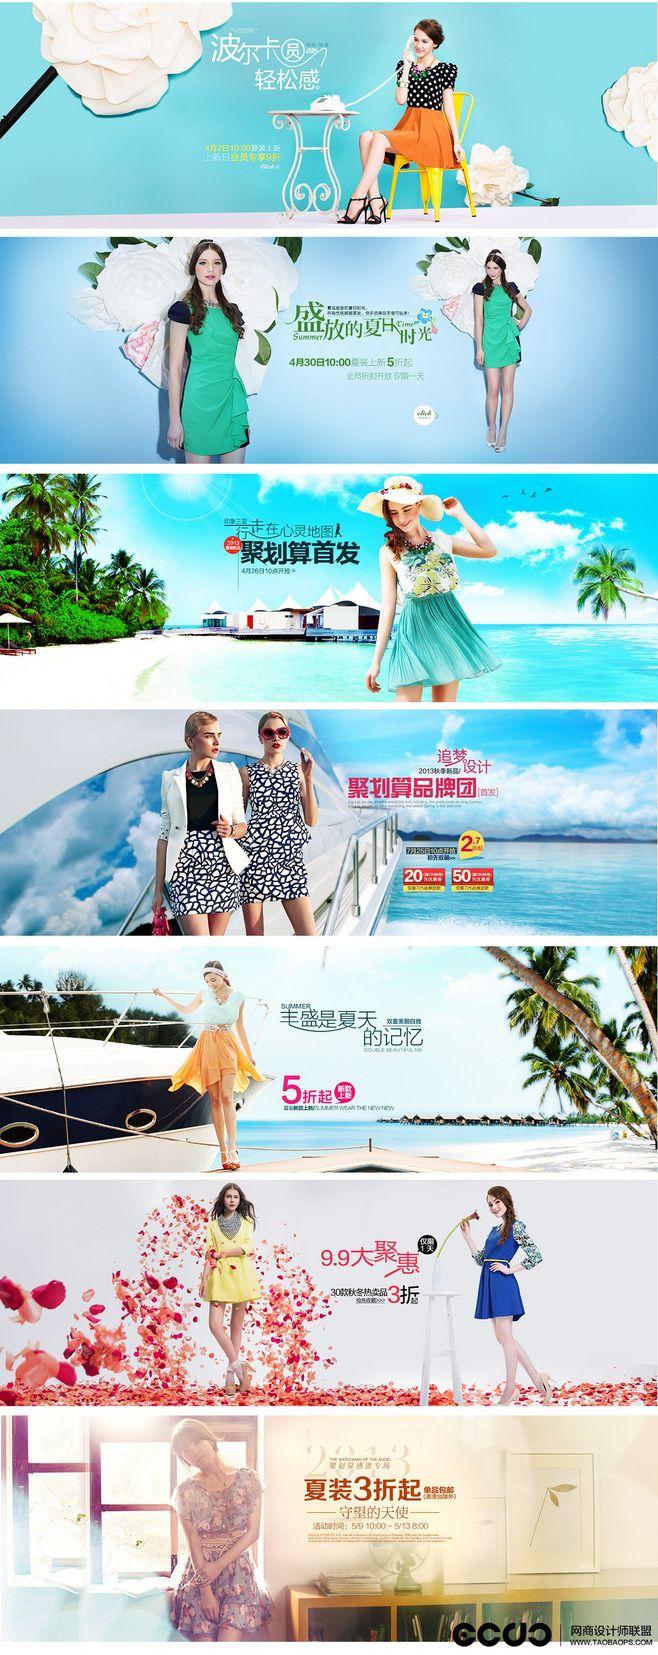 Poster design reference - Digital Banner Ad Design Graphic Design Interaction Design Banner Design Design Reference Web Banner Fashion Design Advertising